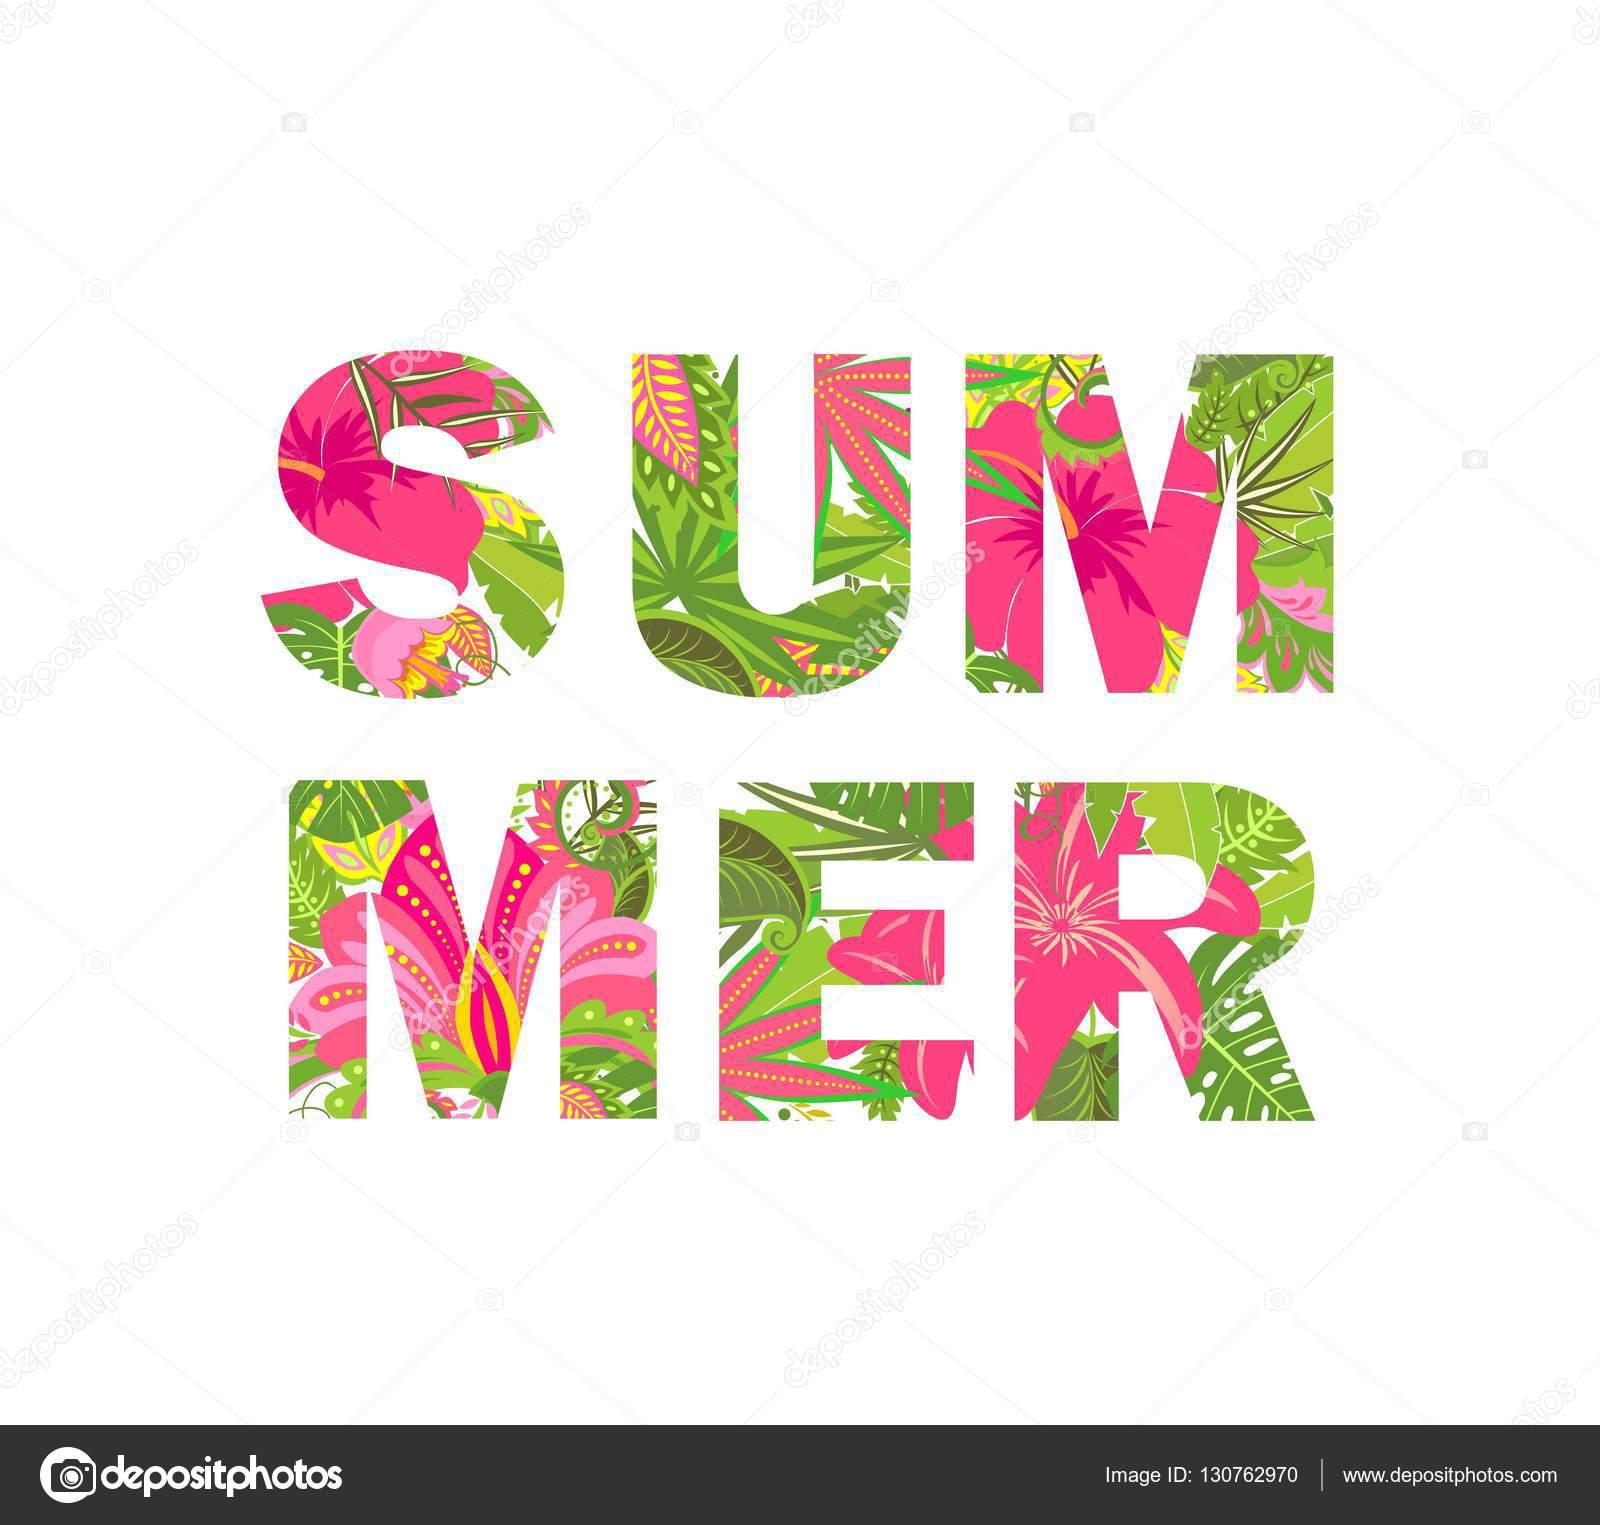 Letras Tropicales Camisa De Impresion Con Hojas Tropicales Y